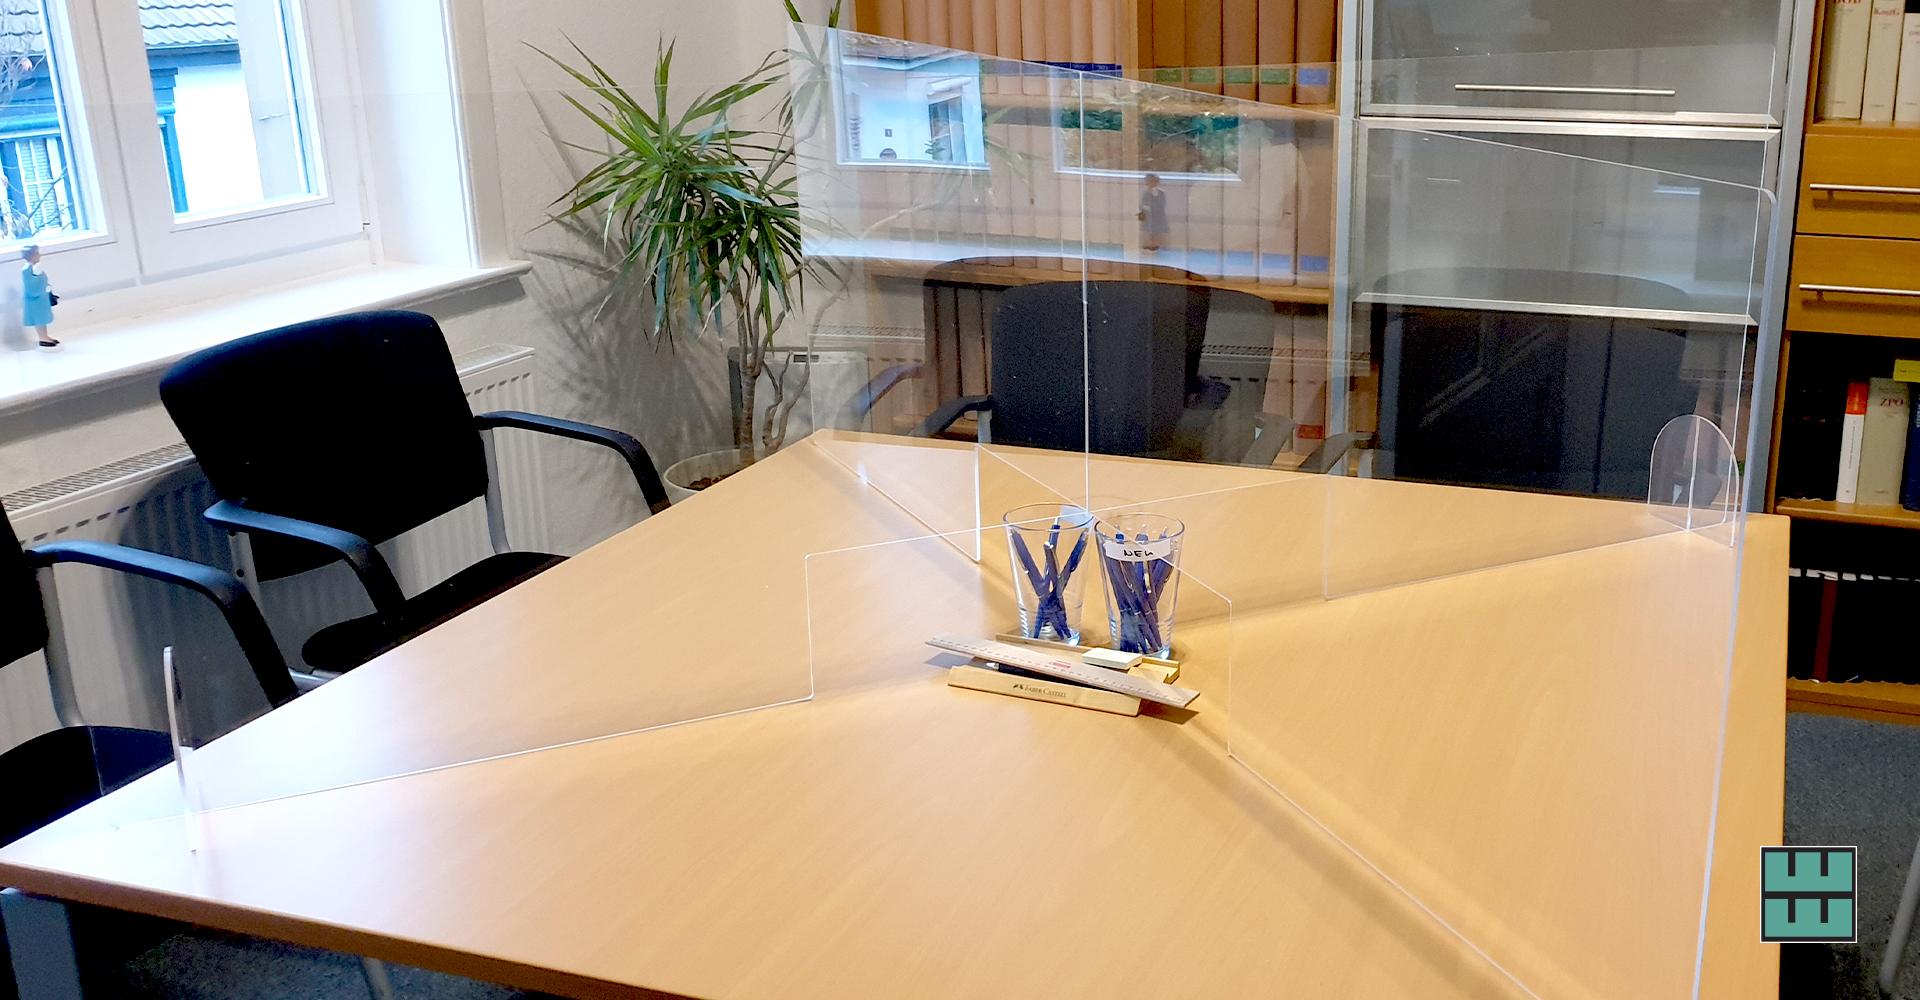 Für einen Alfelder Notar haben wir diesen Spuckschutz für seinen Besprechungstisch angefertigt.